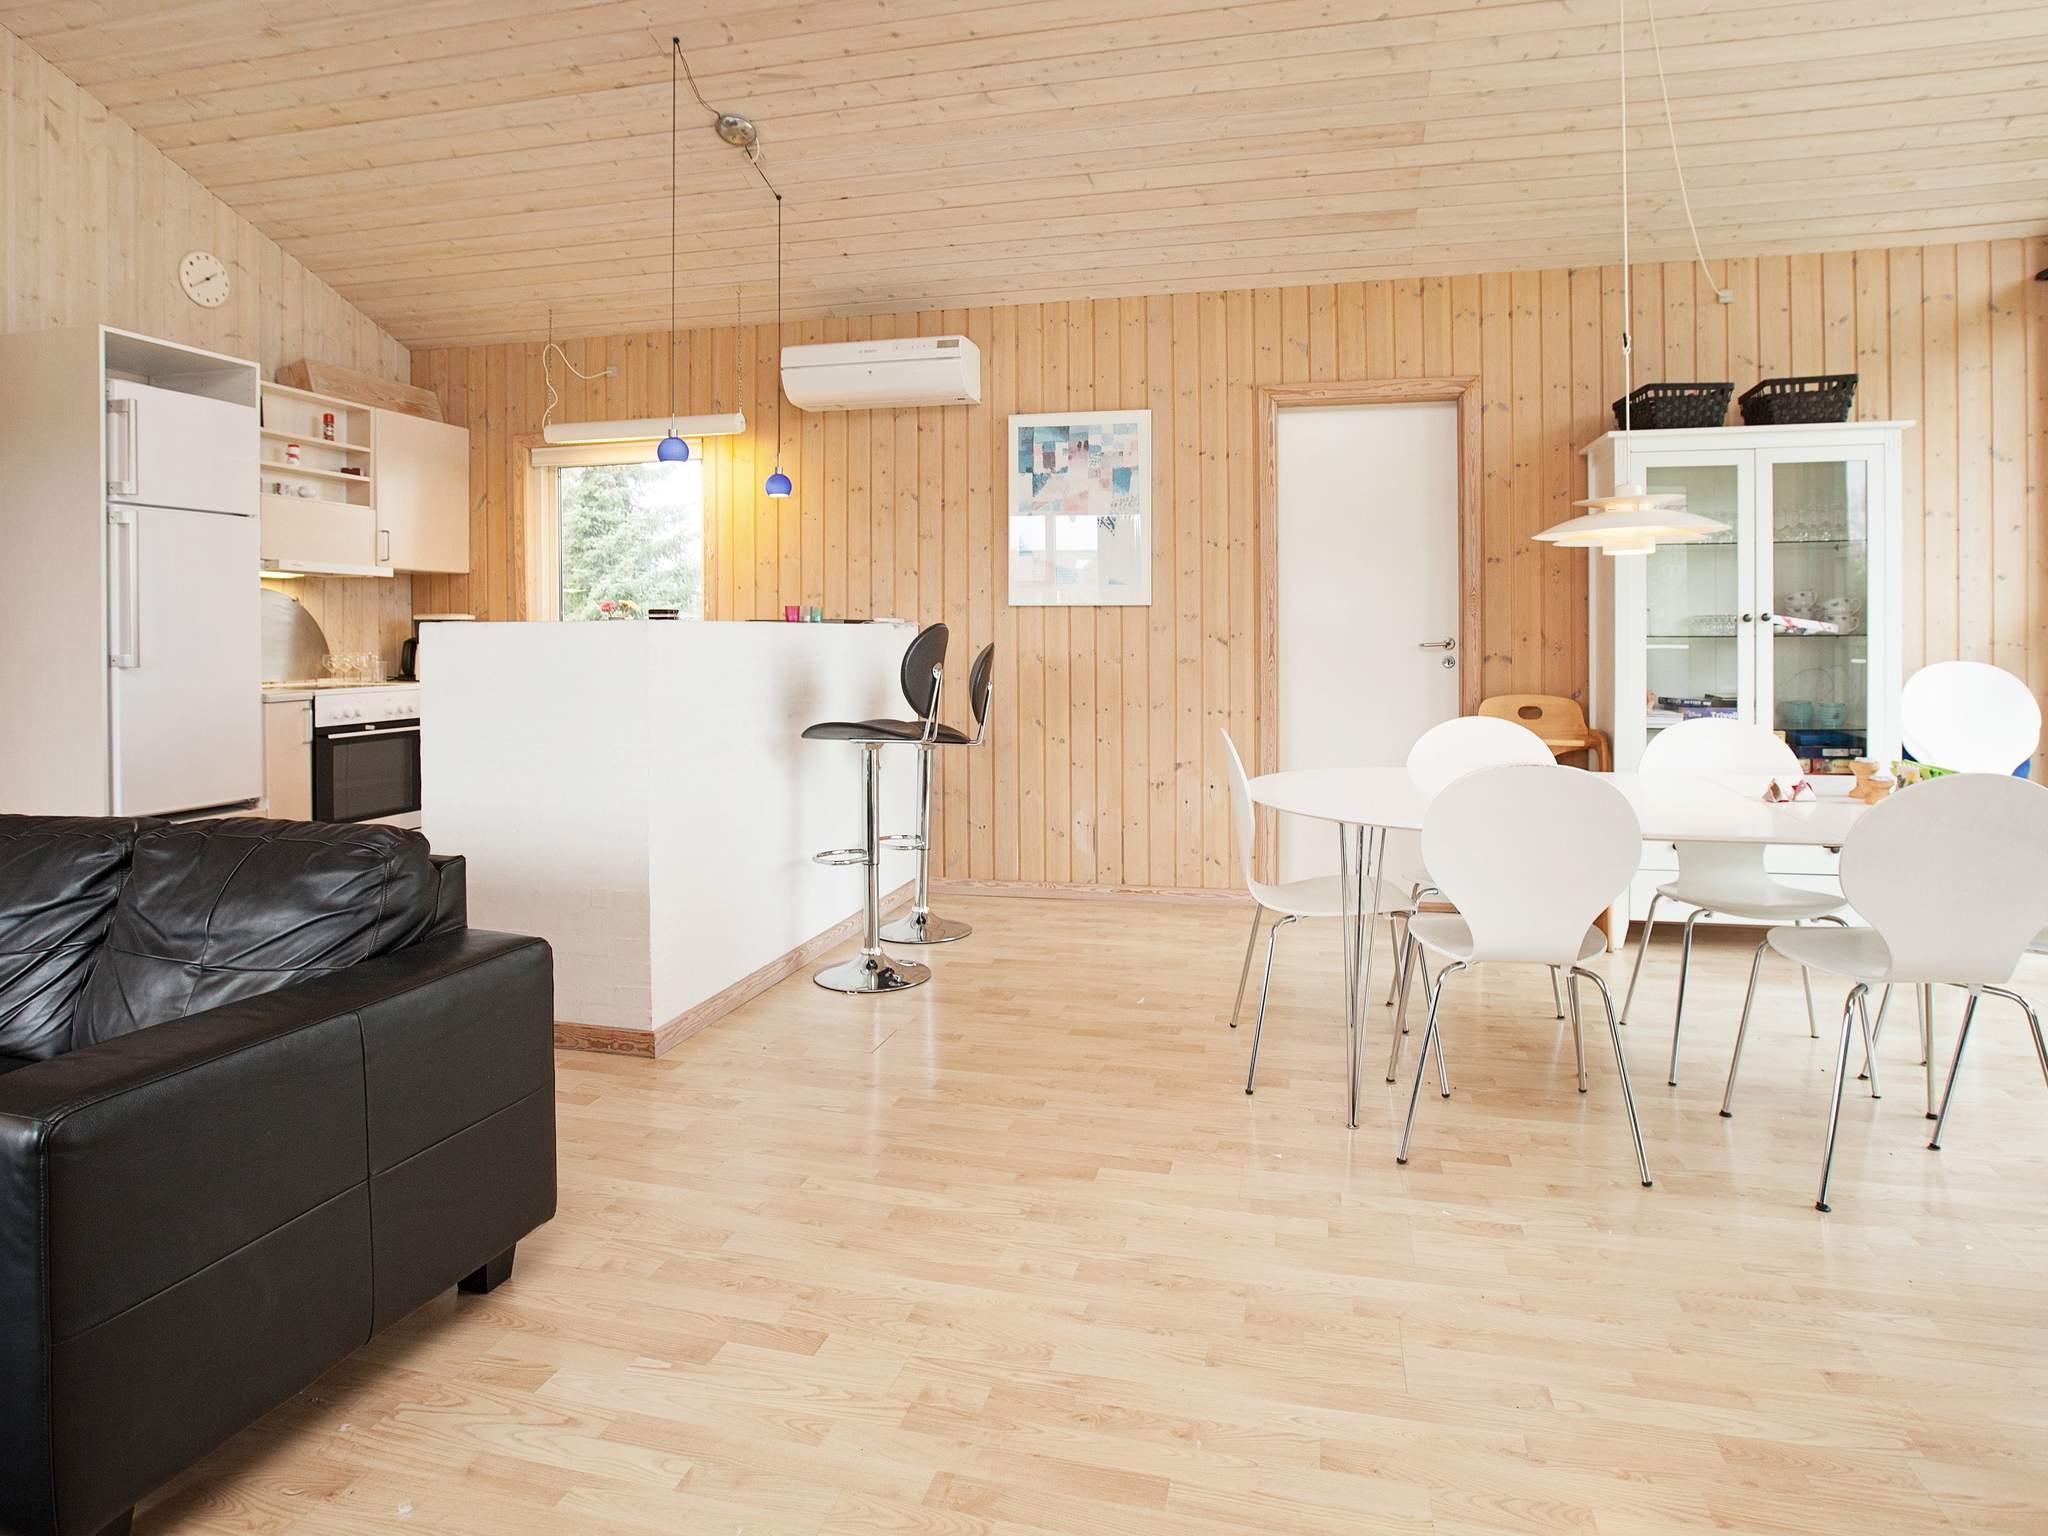 Ferienhaus Marielyst (82830), Marielyst, , Falster, Dänemark, Bild 9